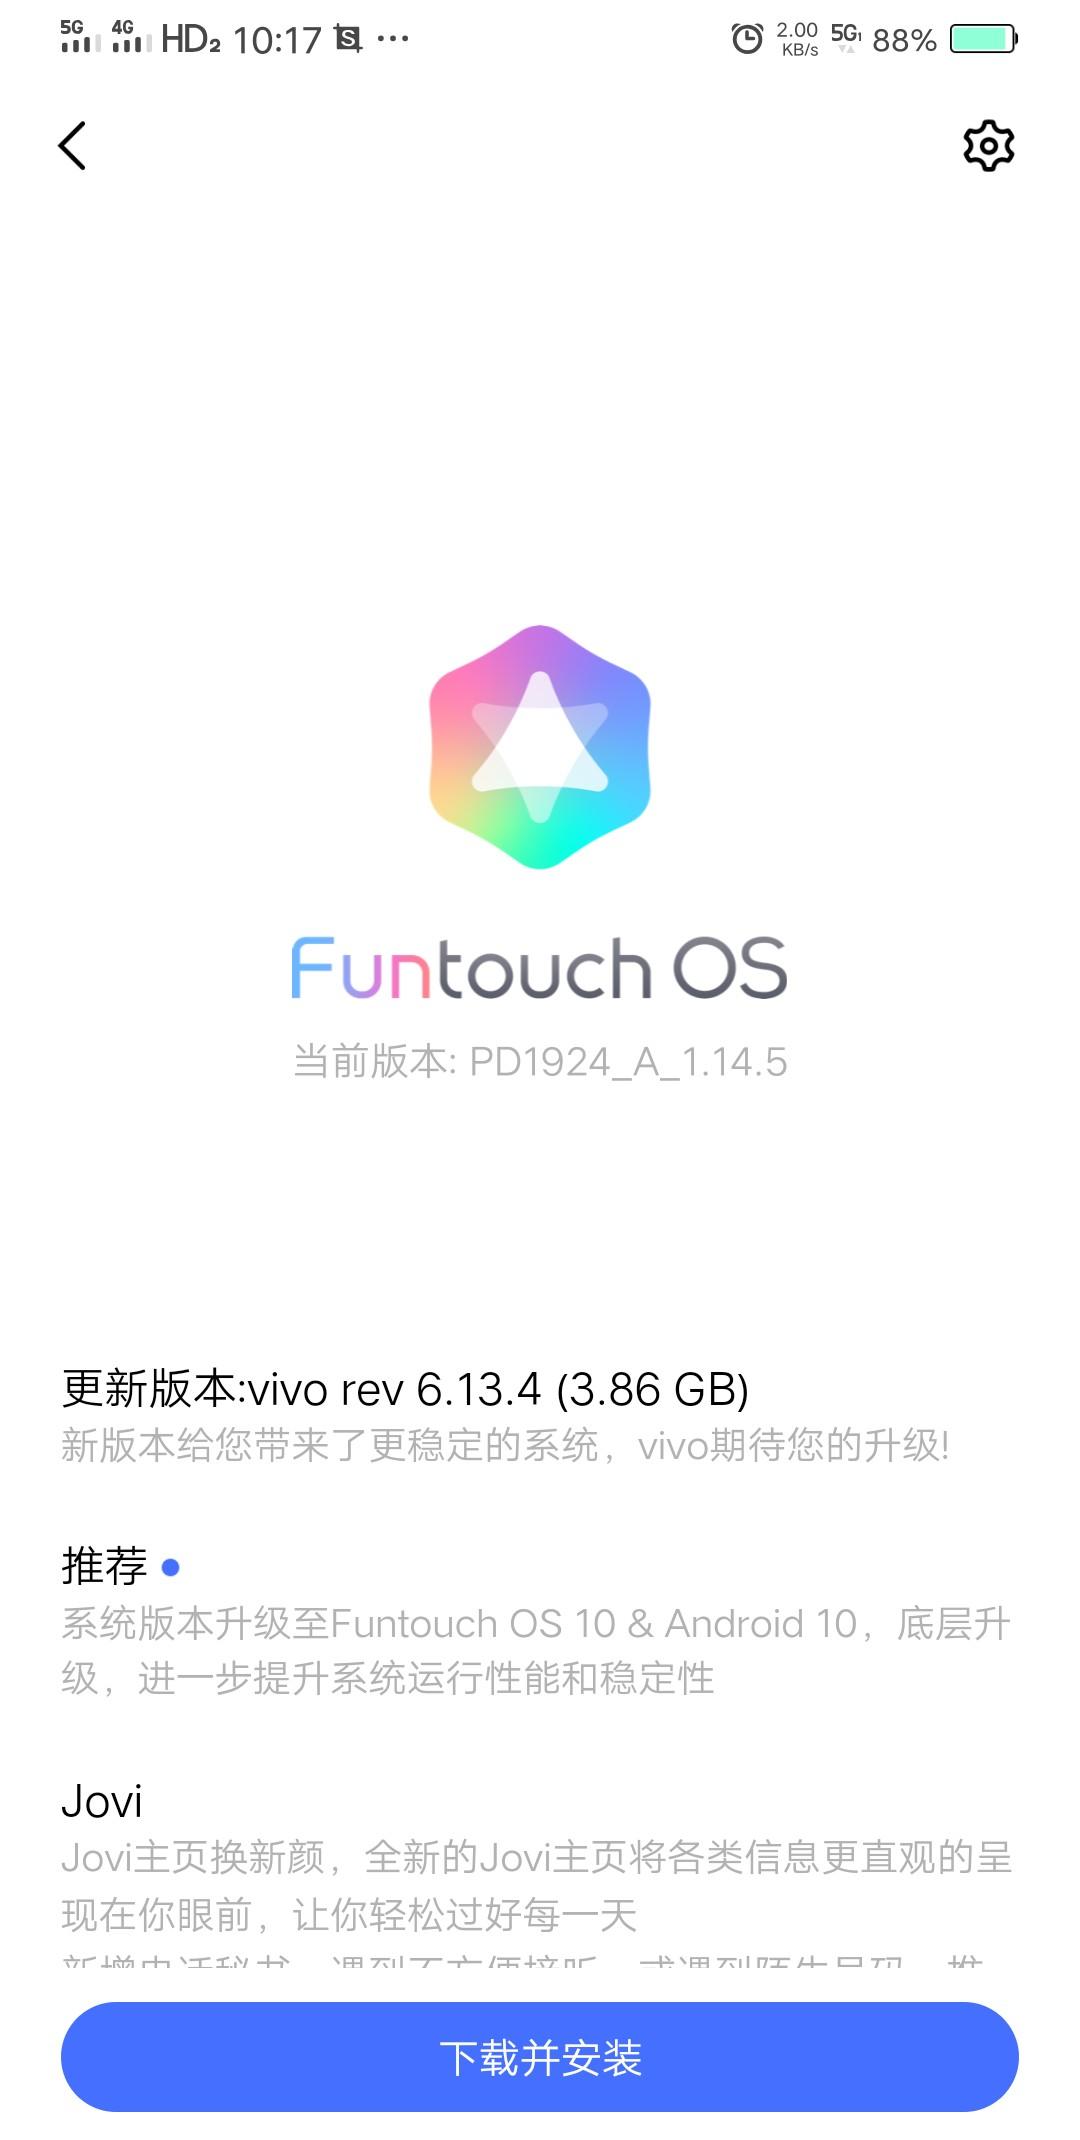 Screenshot_2020_0720_101759.jpg